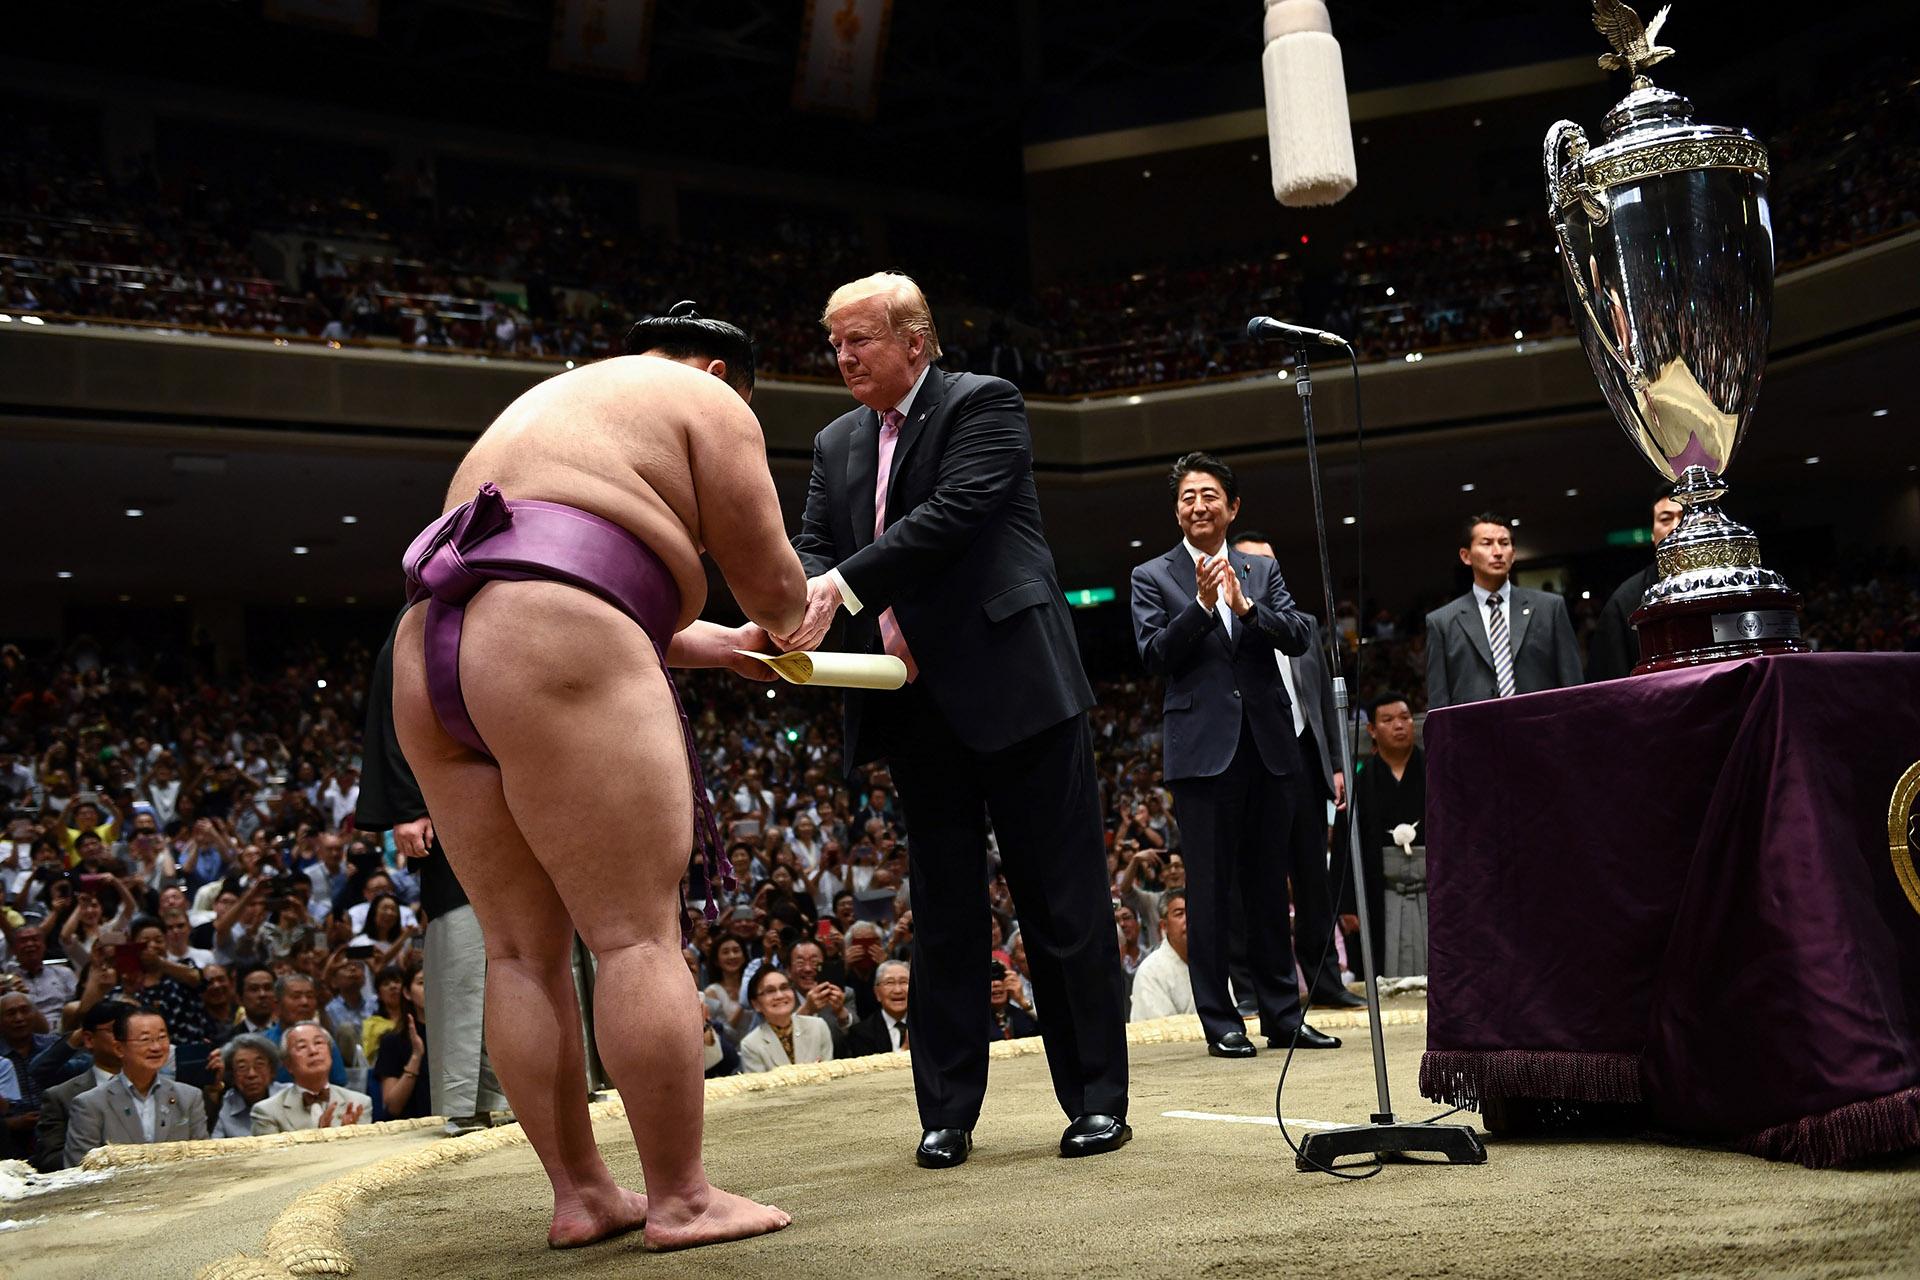 """En medio del """"dohyu"""", al que accedió por una escalerilla especial, Trump leyó un certificado que entregó también a Asanoyama en el que señalaba que ha sido merecedor del trofeo por su """"destacado éxito"""" en el torneo, con 12 victorias y 3 derrotas"""